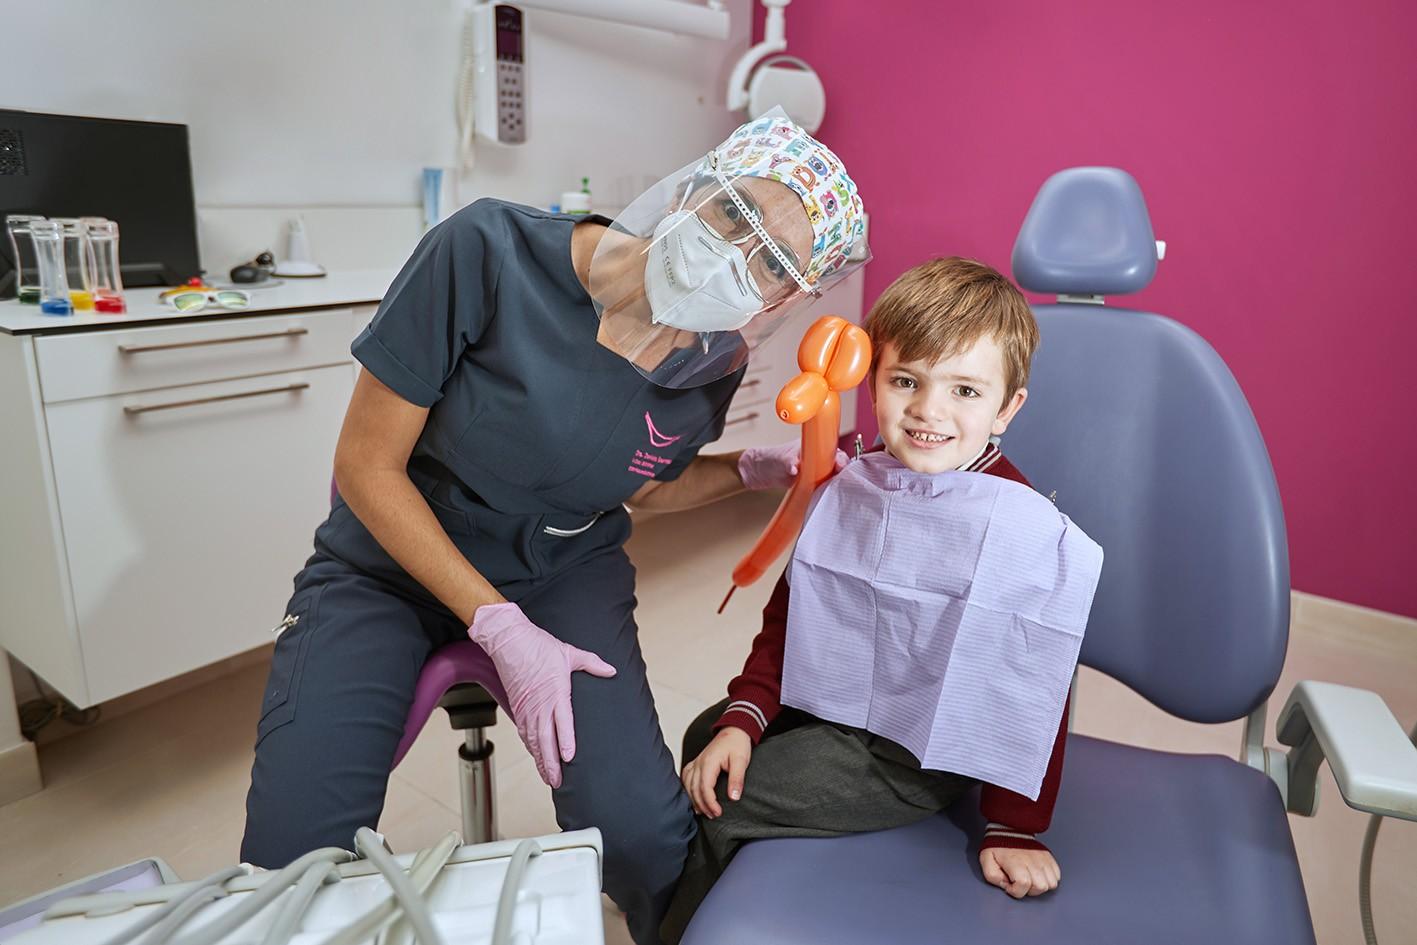 ODONTOPEDIATRÍA ESPECIALIZADA EN CLÍNICA DENTAL. ESPECIALISTAS EN REVISIONES INFANTILES Y TRATAMIENTOS DENTALES PARA NIÑOS Y JÓVENES. En Clinica Dental Esther Maján, disponemos de un área especializada de odontopediatría con odontólogos pediatras especializados en revisiones y todo tipo de tratamientos dentales para niños y jóvenes. En Clínica Dental Esther Maján, cuidamos de la salud dental de sus hijos mediante el control y la aplicación de las últimas tecnologías en el ámbito dental para los niños y jóvenes tengan sus dientes perfectos. En este sentido, además una salud bucal es un síntoma de una óptima salud general y para ello trabajan nuestros dentistas pedriatrícos. Consúltenos y estableceremos un protocolo a través de nuestros odontopediatras para evaluar y controlar el desarrollo de la dentadura de sus hijos y así evitar problemas futuros. CLINICAS-DENTALES-MOSTOLES-DENTISTAS-MÓSTOLES-TRATAMIENTOS-DENTALES-ECONOMICOS-TAC-DENTAL-BARATOS-DENTISTA-RECOMENDABLE-DE-CONFIANZA-PARQUE-COIMBRA-FAMILIAS-NUMEROSAS CLINICA DENTAL EN MOSTOLES – CLINICAS DENTALES EN MOSTOLES – DENTISTAS EN MOSTOLES – DENTISTA EN MOSTOLES – DENTISTA MOSTOLES – DENTISTAS MOSTOLES – DENTISTAS ECONOMICOS BARATOS EN MOSTOLES – CLINICAS DENTALES ECONOMICAS BARATAS EN MOSTOLES – DENTISTA CON BUENAS OPINIONES EN MOSTOLES – DENTISTAS CON BUENAS OPINIONES EN MOSTOLES – CLINICA DENTAL CON BUENAS OPINIONES EN MOSTOLES – CLINICAS DENTALES CON BUENAS OPINIONES EN MOSTOLES – CLÍNICA DENTAL EN MÓSTOLES – CLÍNICAS DENTALES EN MÓSTOLES – DENTISTAS EN MÓSTOLES – DENTISTA EN MÓSTOLES – DENTISTA MÓSTOLES – DENTISTAS MÓSTOLES – DENTISTAS ECONÓMICOS BARATOS EN MÓSTOLES – CLÍNICAS DENTALES ECONÓMICAS BARATAS EN MÓSTOLES – DENTISTA CON BUENAS OPINIONES EN MÓSTOLES – DENTISTAS CON BUENAS OPINIONES EN MÓSTOLES – CLÍNICA DENTAL CON BUENAS OPINIONES EN MÓSTOLES – CLÍNICAS DENTALES CON BUENAS OPINIONES EN MÓSTOLES – CLÍNICA DENTAL CON PRECIOS ESPECIALES, OFERTAS, PROMOCIOINES Y DESCUENTOS PARA FAMILIAS NUMEROSAS EN M